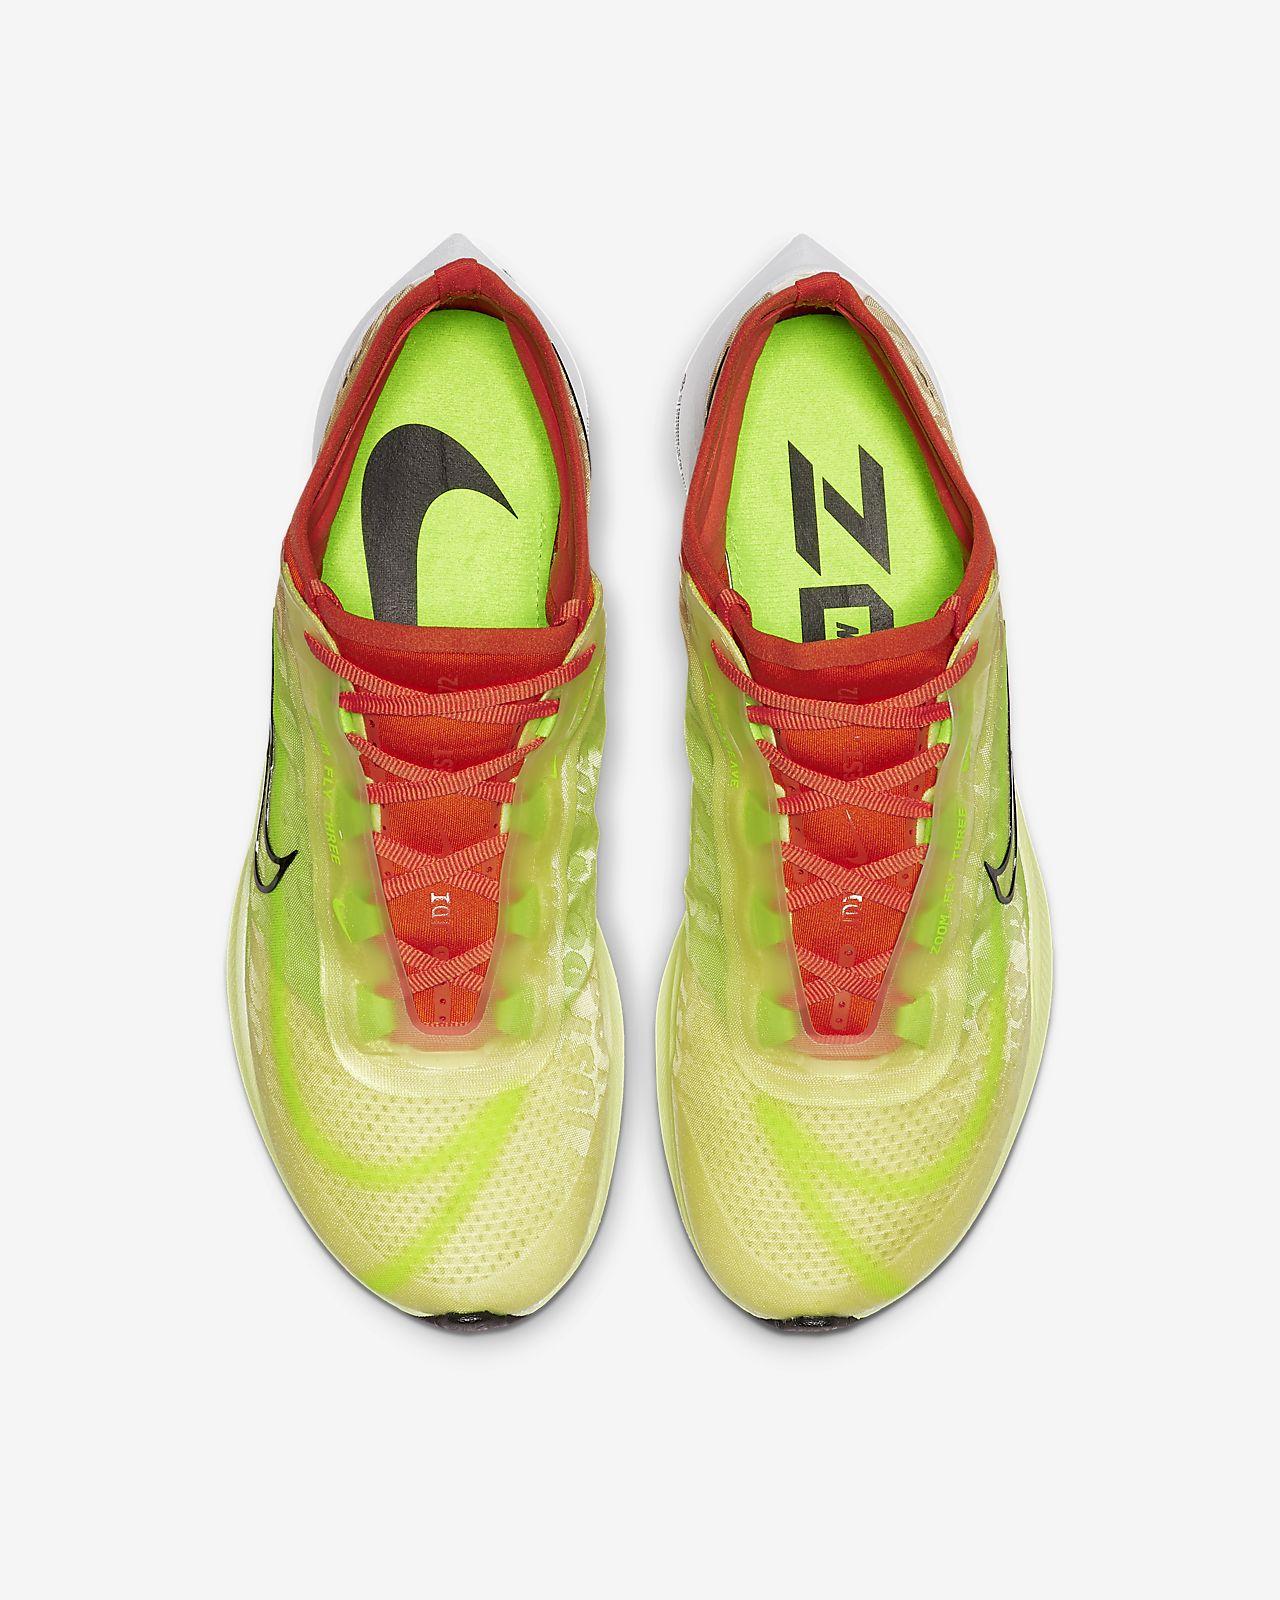 Nike Zoom Fly 3 Rise Hardloopschoen voor dames